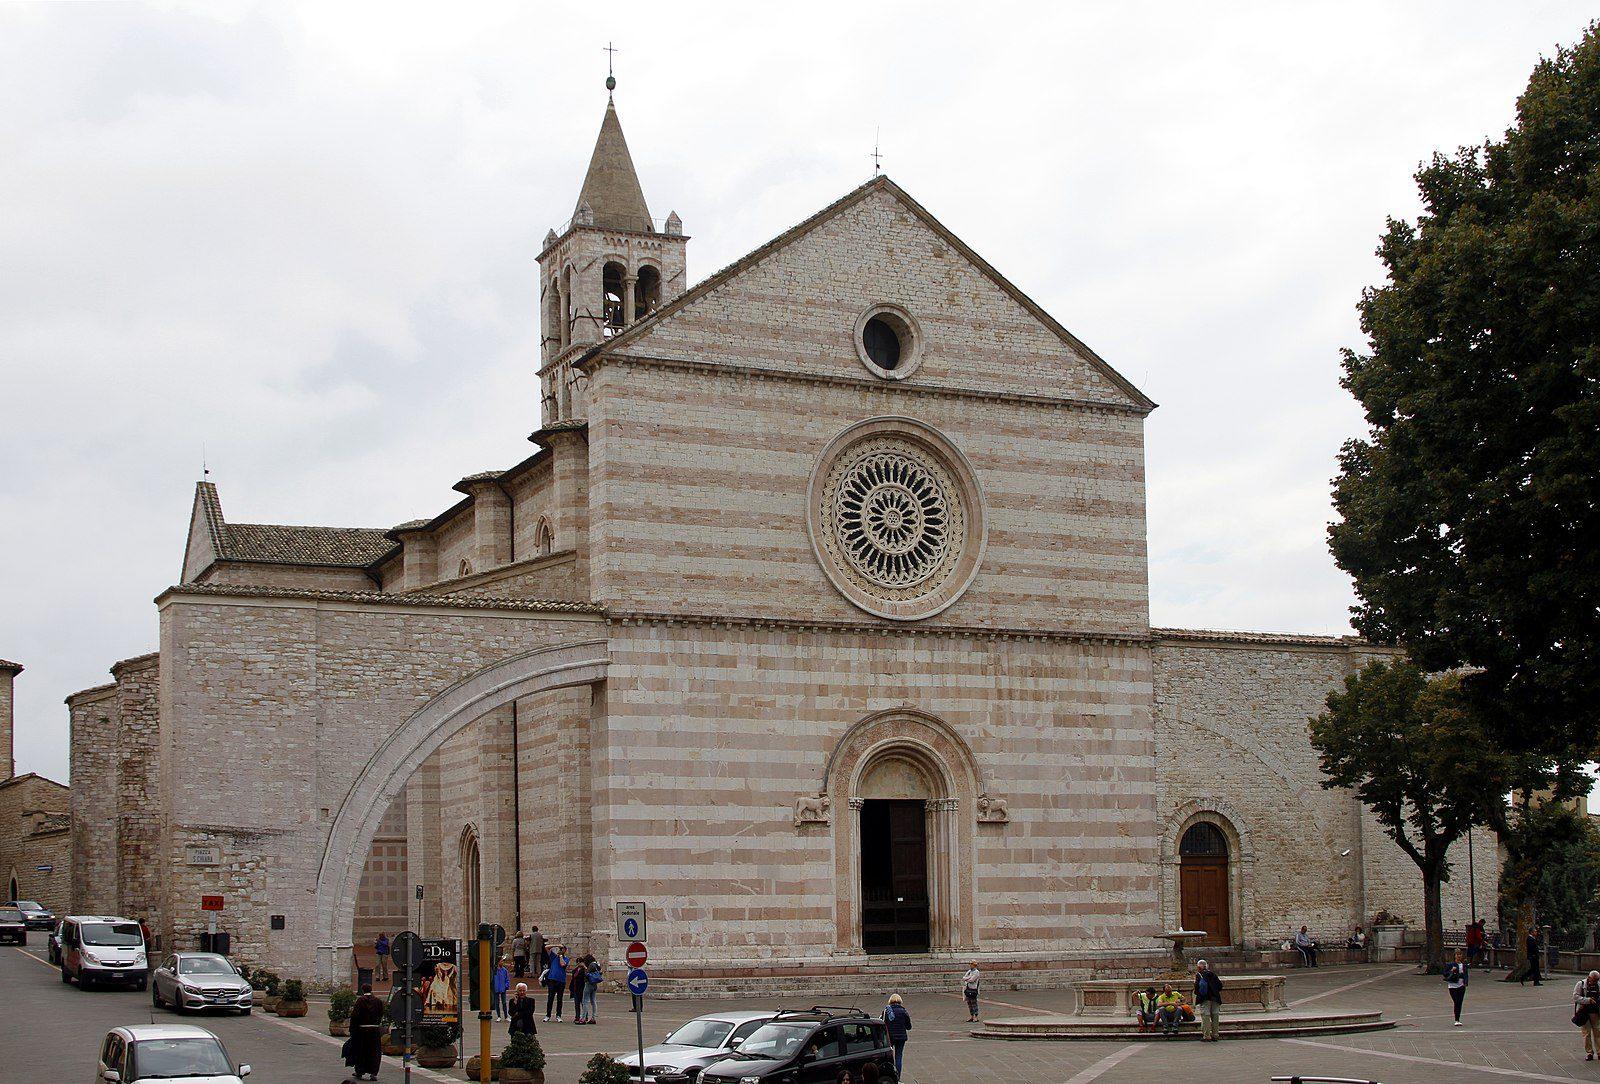 1600px-Santa_Chiara_-_Assisi_2016